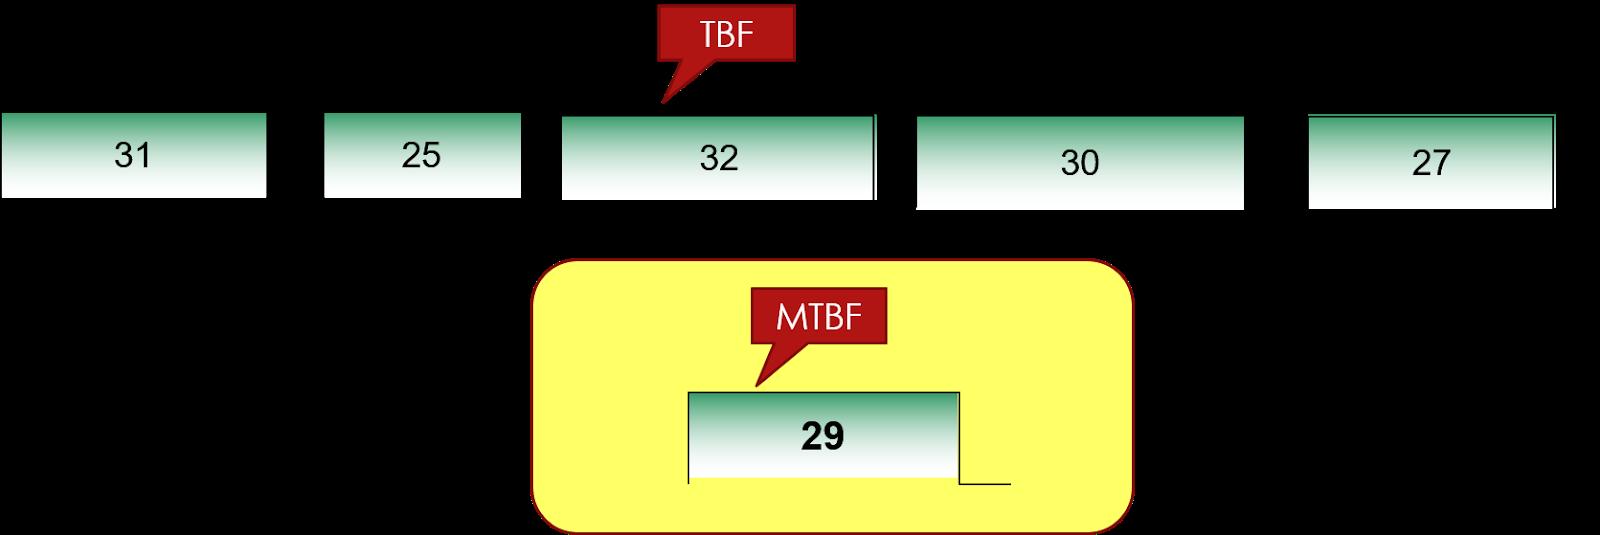 Schéma de principe de calcul de la MTBF (Moyenne des Temps de Bon Fonctionnement)